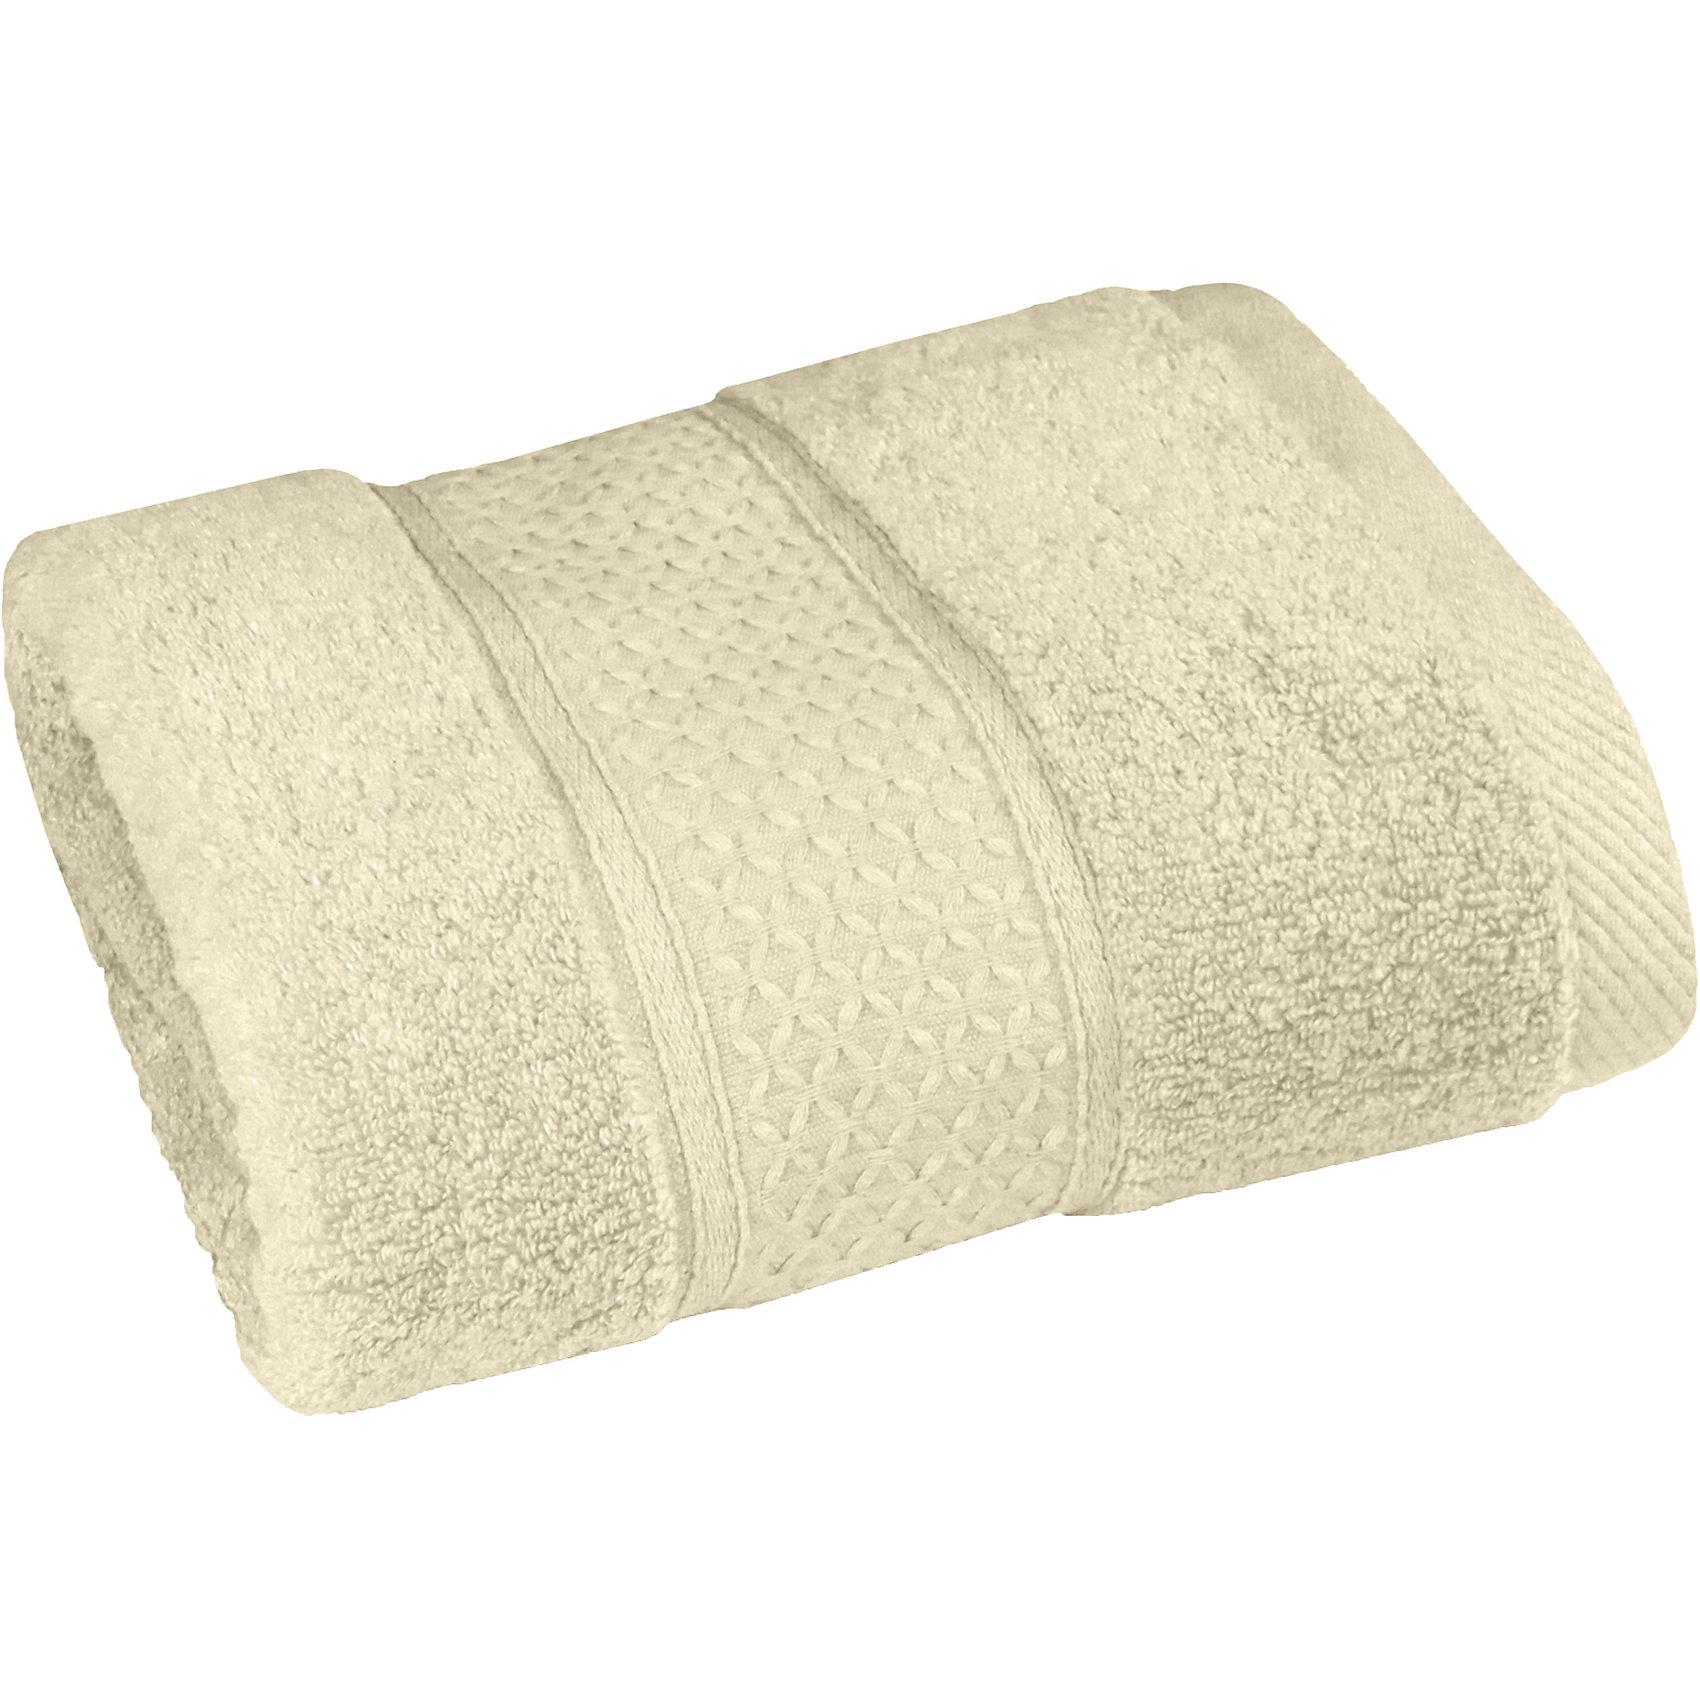 Полотенце махровое 100*150, Cozy Home, молочныйПолотенце махровое 100*150, Cozy Home (Кози Хоум), молочный<br><br>Характеристики:<br><br>• приятное на ощупь полотенце<br>• хорошо впитывает влагу<br>• размер: 100х150 см<br>• материал: хлопок<br>• цвет: молочный<br><br>Выбор полотенца - очень важное и ответственное занятие, ведь именно полотенце согреет и подарит вам уют после водных процедур. Махровое полотенце от Cozy Home изготовлено из натурального хлопка. Оно очень мягкое и приятное на ощупь. Также полотенце из хлопка обладает высокой гигроскопичностью и быстро впитывает влагу. <br><br>Еще одно немаловажное свойство полотенца - гипоаллергенность. Полотенце не вызывает раздражения на чувствительной коже и даже обладает антибактериальными свойствами. Хлопковый материал гарантирует изделию высокую износостойкость, устойчивость к деформации и загрязнениям. Полотенце нежного молочного цвета имеет красивый узор по краю. Цвет изделия не изменится даже после многочисленных стирок. Мягкое полотенце подарит вам нежность и комфорт.<br><br>Полотенце махровое 100*150, Cozy Home (Кози Хоум), молочный вы можете купить в нашем интернет-магазине.<br><br>Ширина мм: 150<br>Глубина мм: 250<br>Высота мм: 150<br>Вес г: 500<br>Возраст от месяцев: 0<br>Возраст до месяцев: 216<br>Пол: Унисекс<br>Возраст: Детский<br>SKU: 5355268